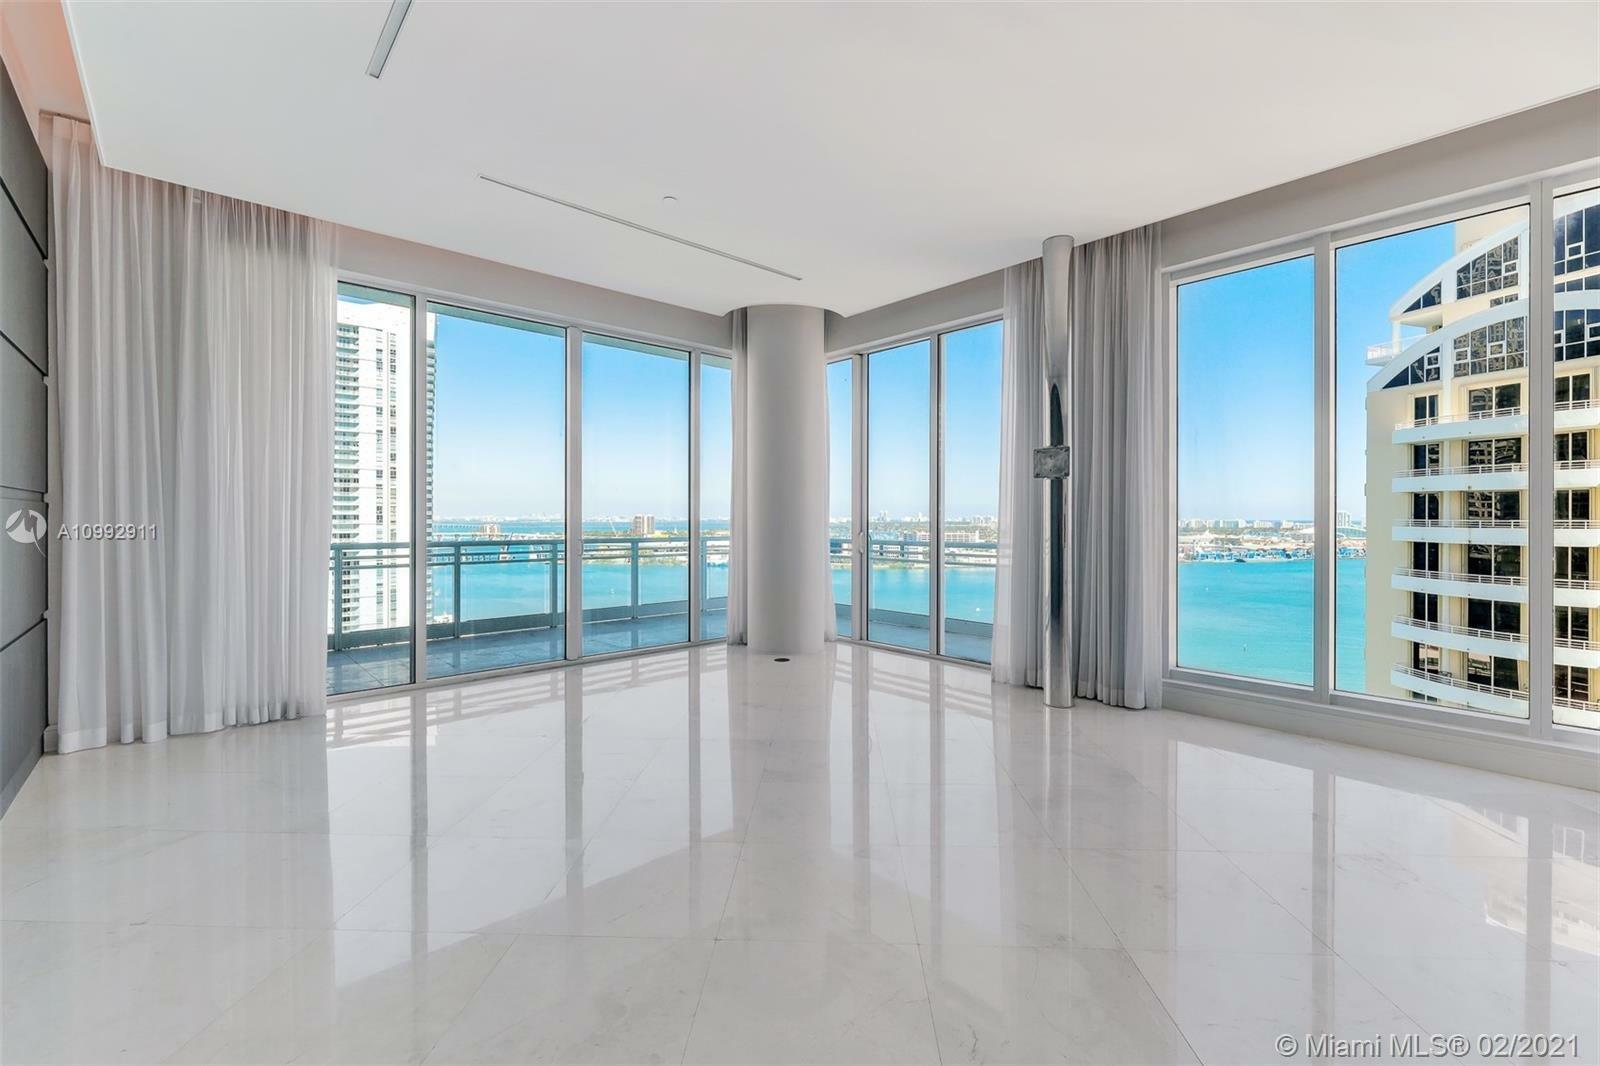 Condo in Miami, Florida, United States 1 - 11319713